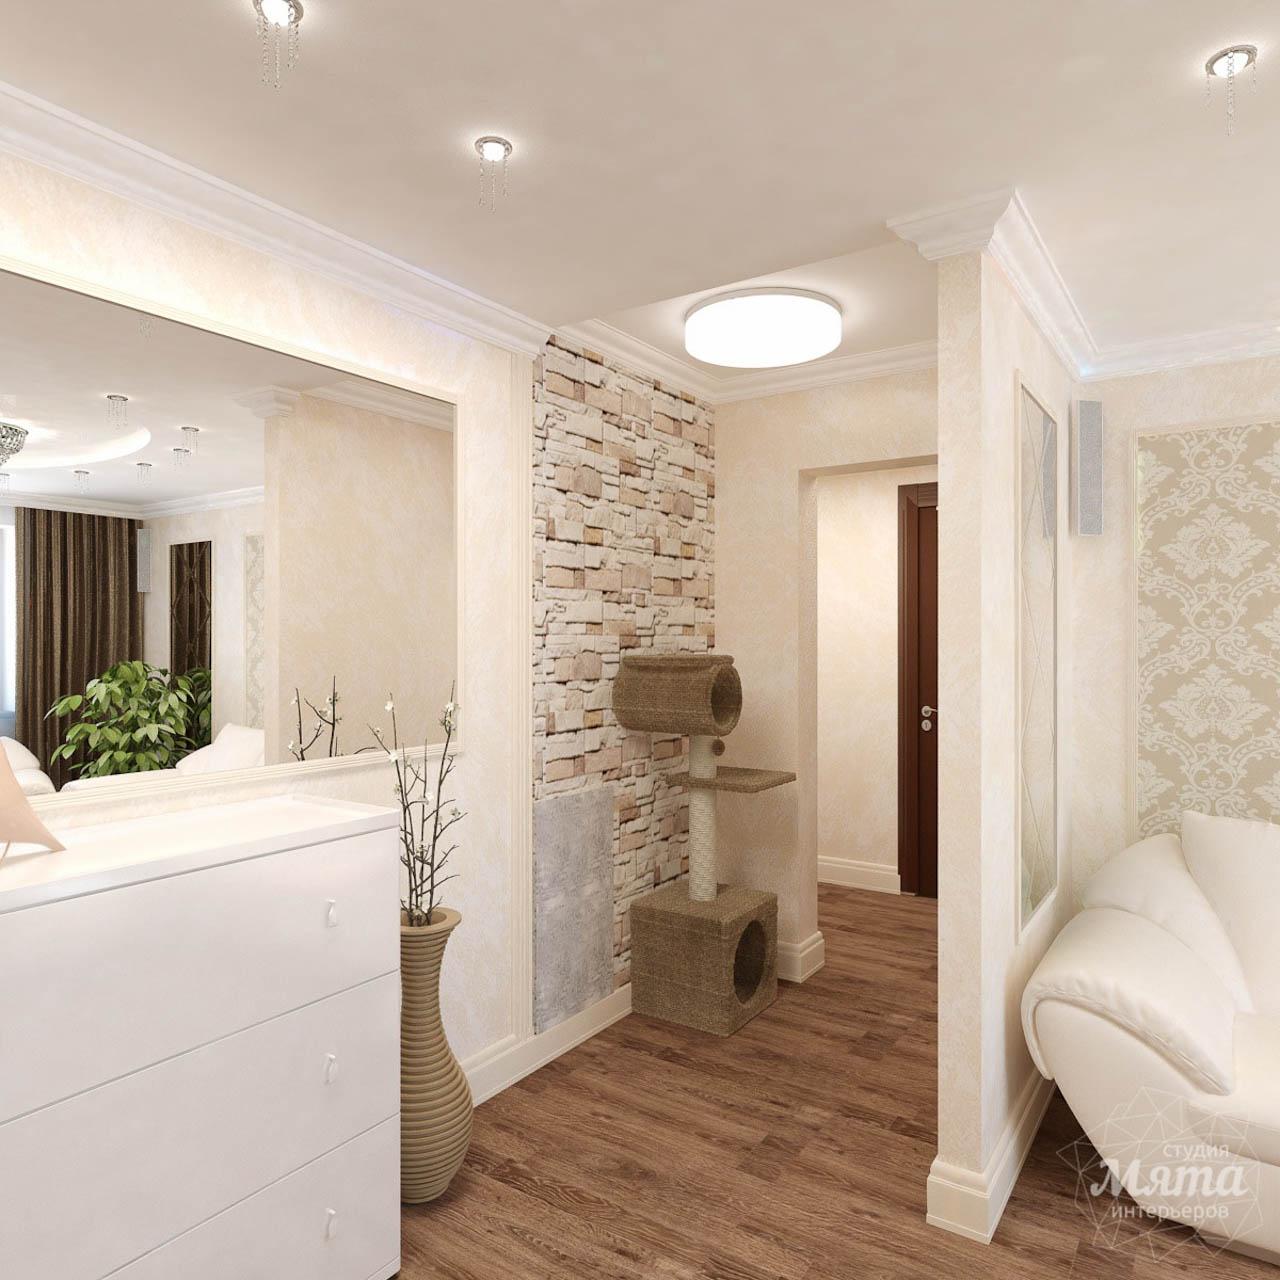 Дизайн интерьера двухкомнатной квартиры по ул. Бебеля 156 img2119313388